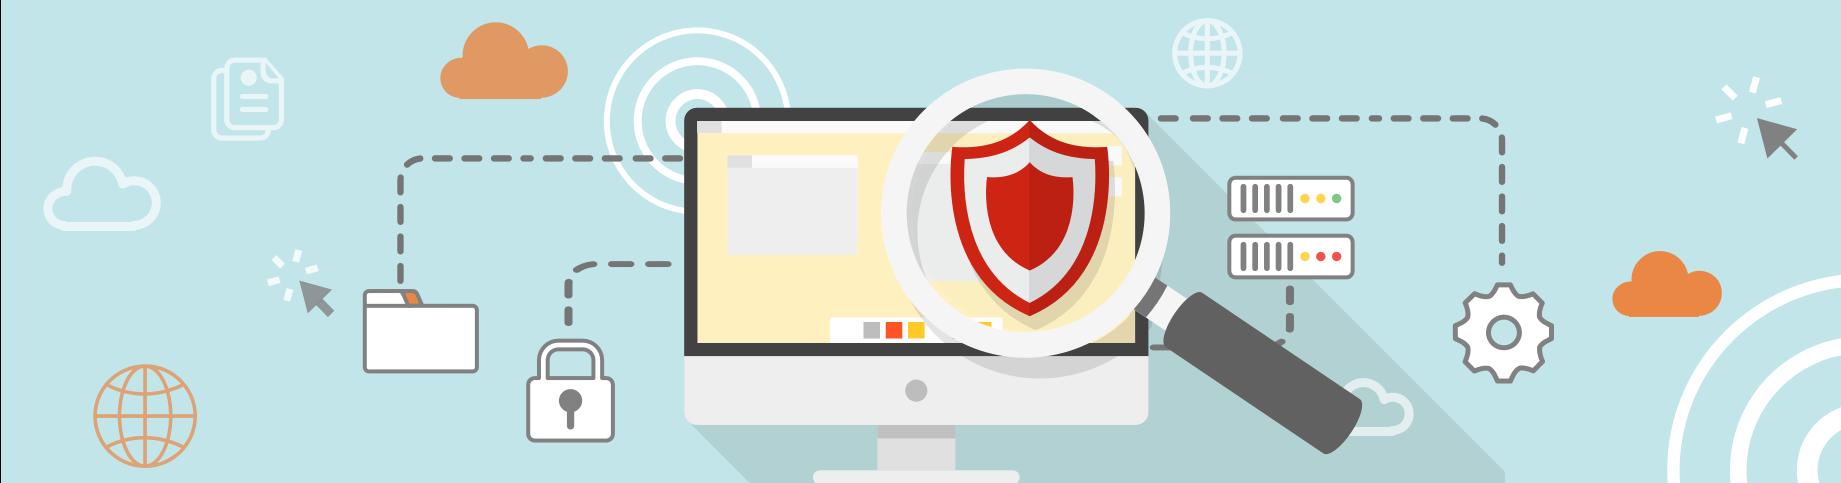 Fique protegido e de acordo com o Marco Civil da Internet